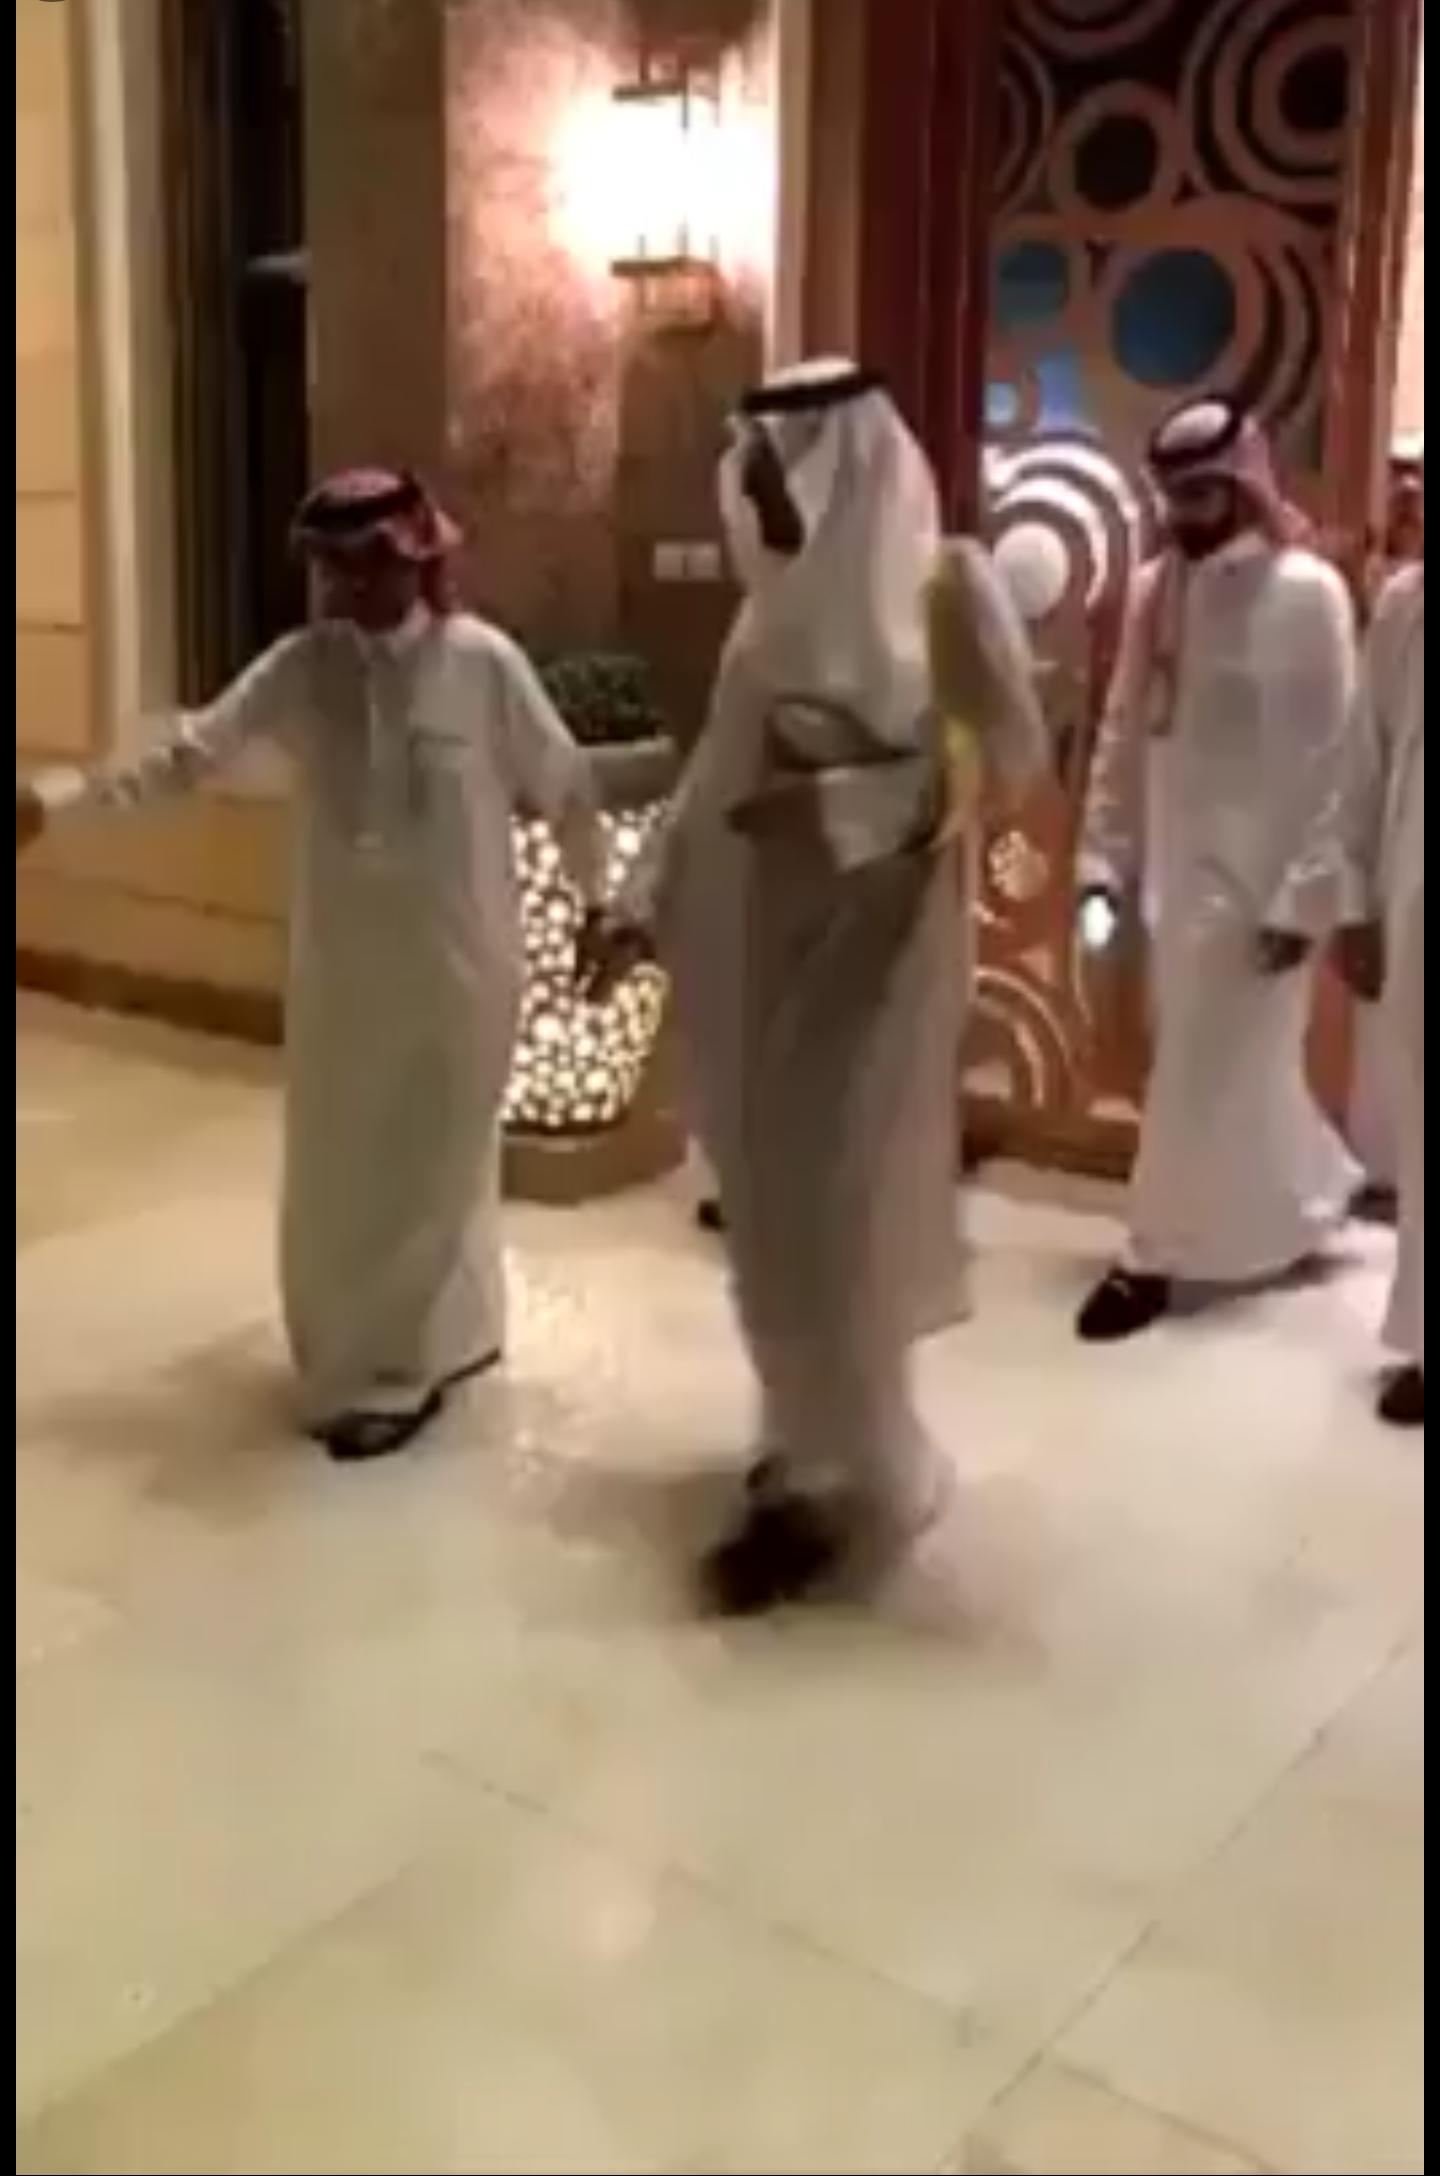 فيديو ?افتتاح منزل منصور الرمالي الشمري بحضور الأمير سعود بن عبدالمحسن